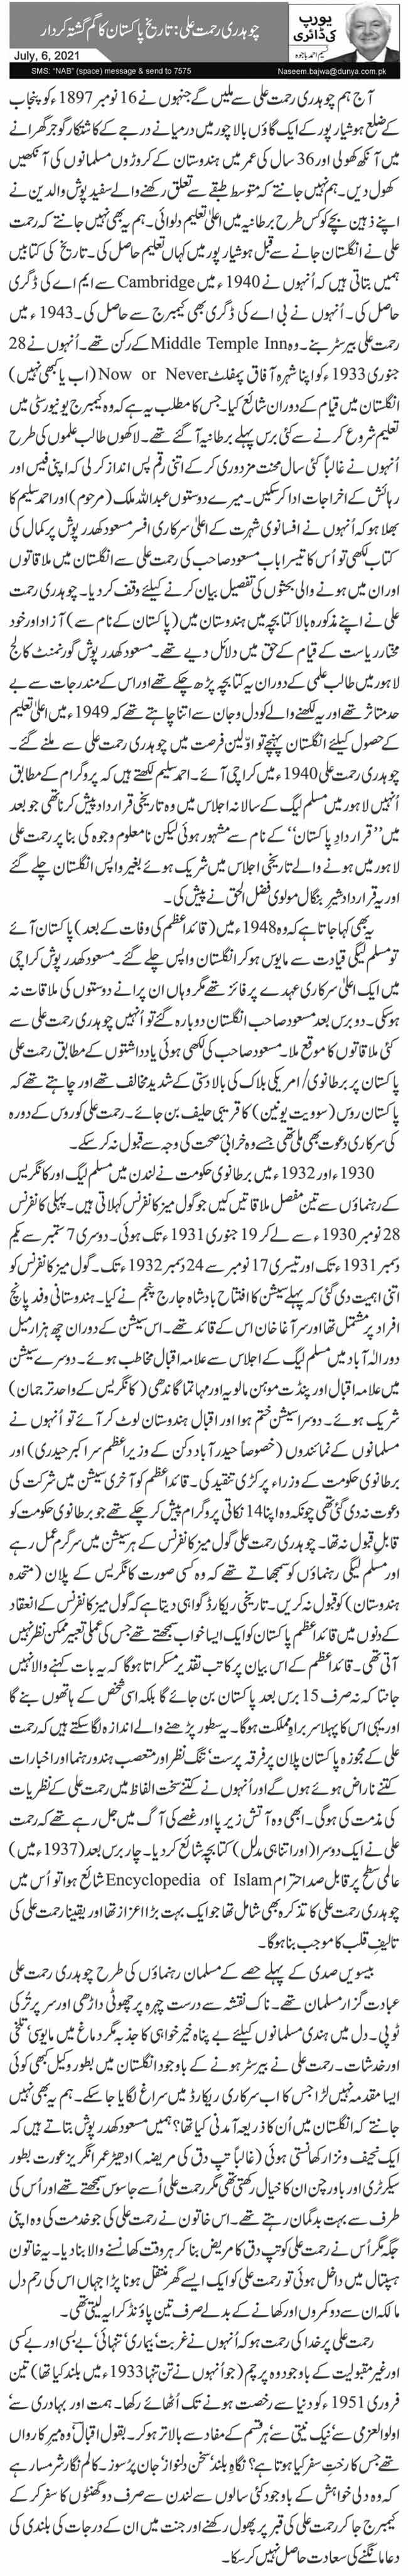 چوہدری رحمت علی: تاریخ پاکستان کا گم گشتہ کردار